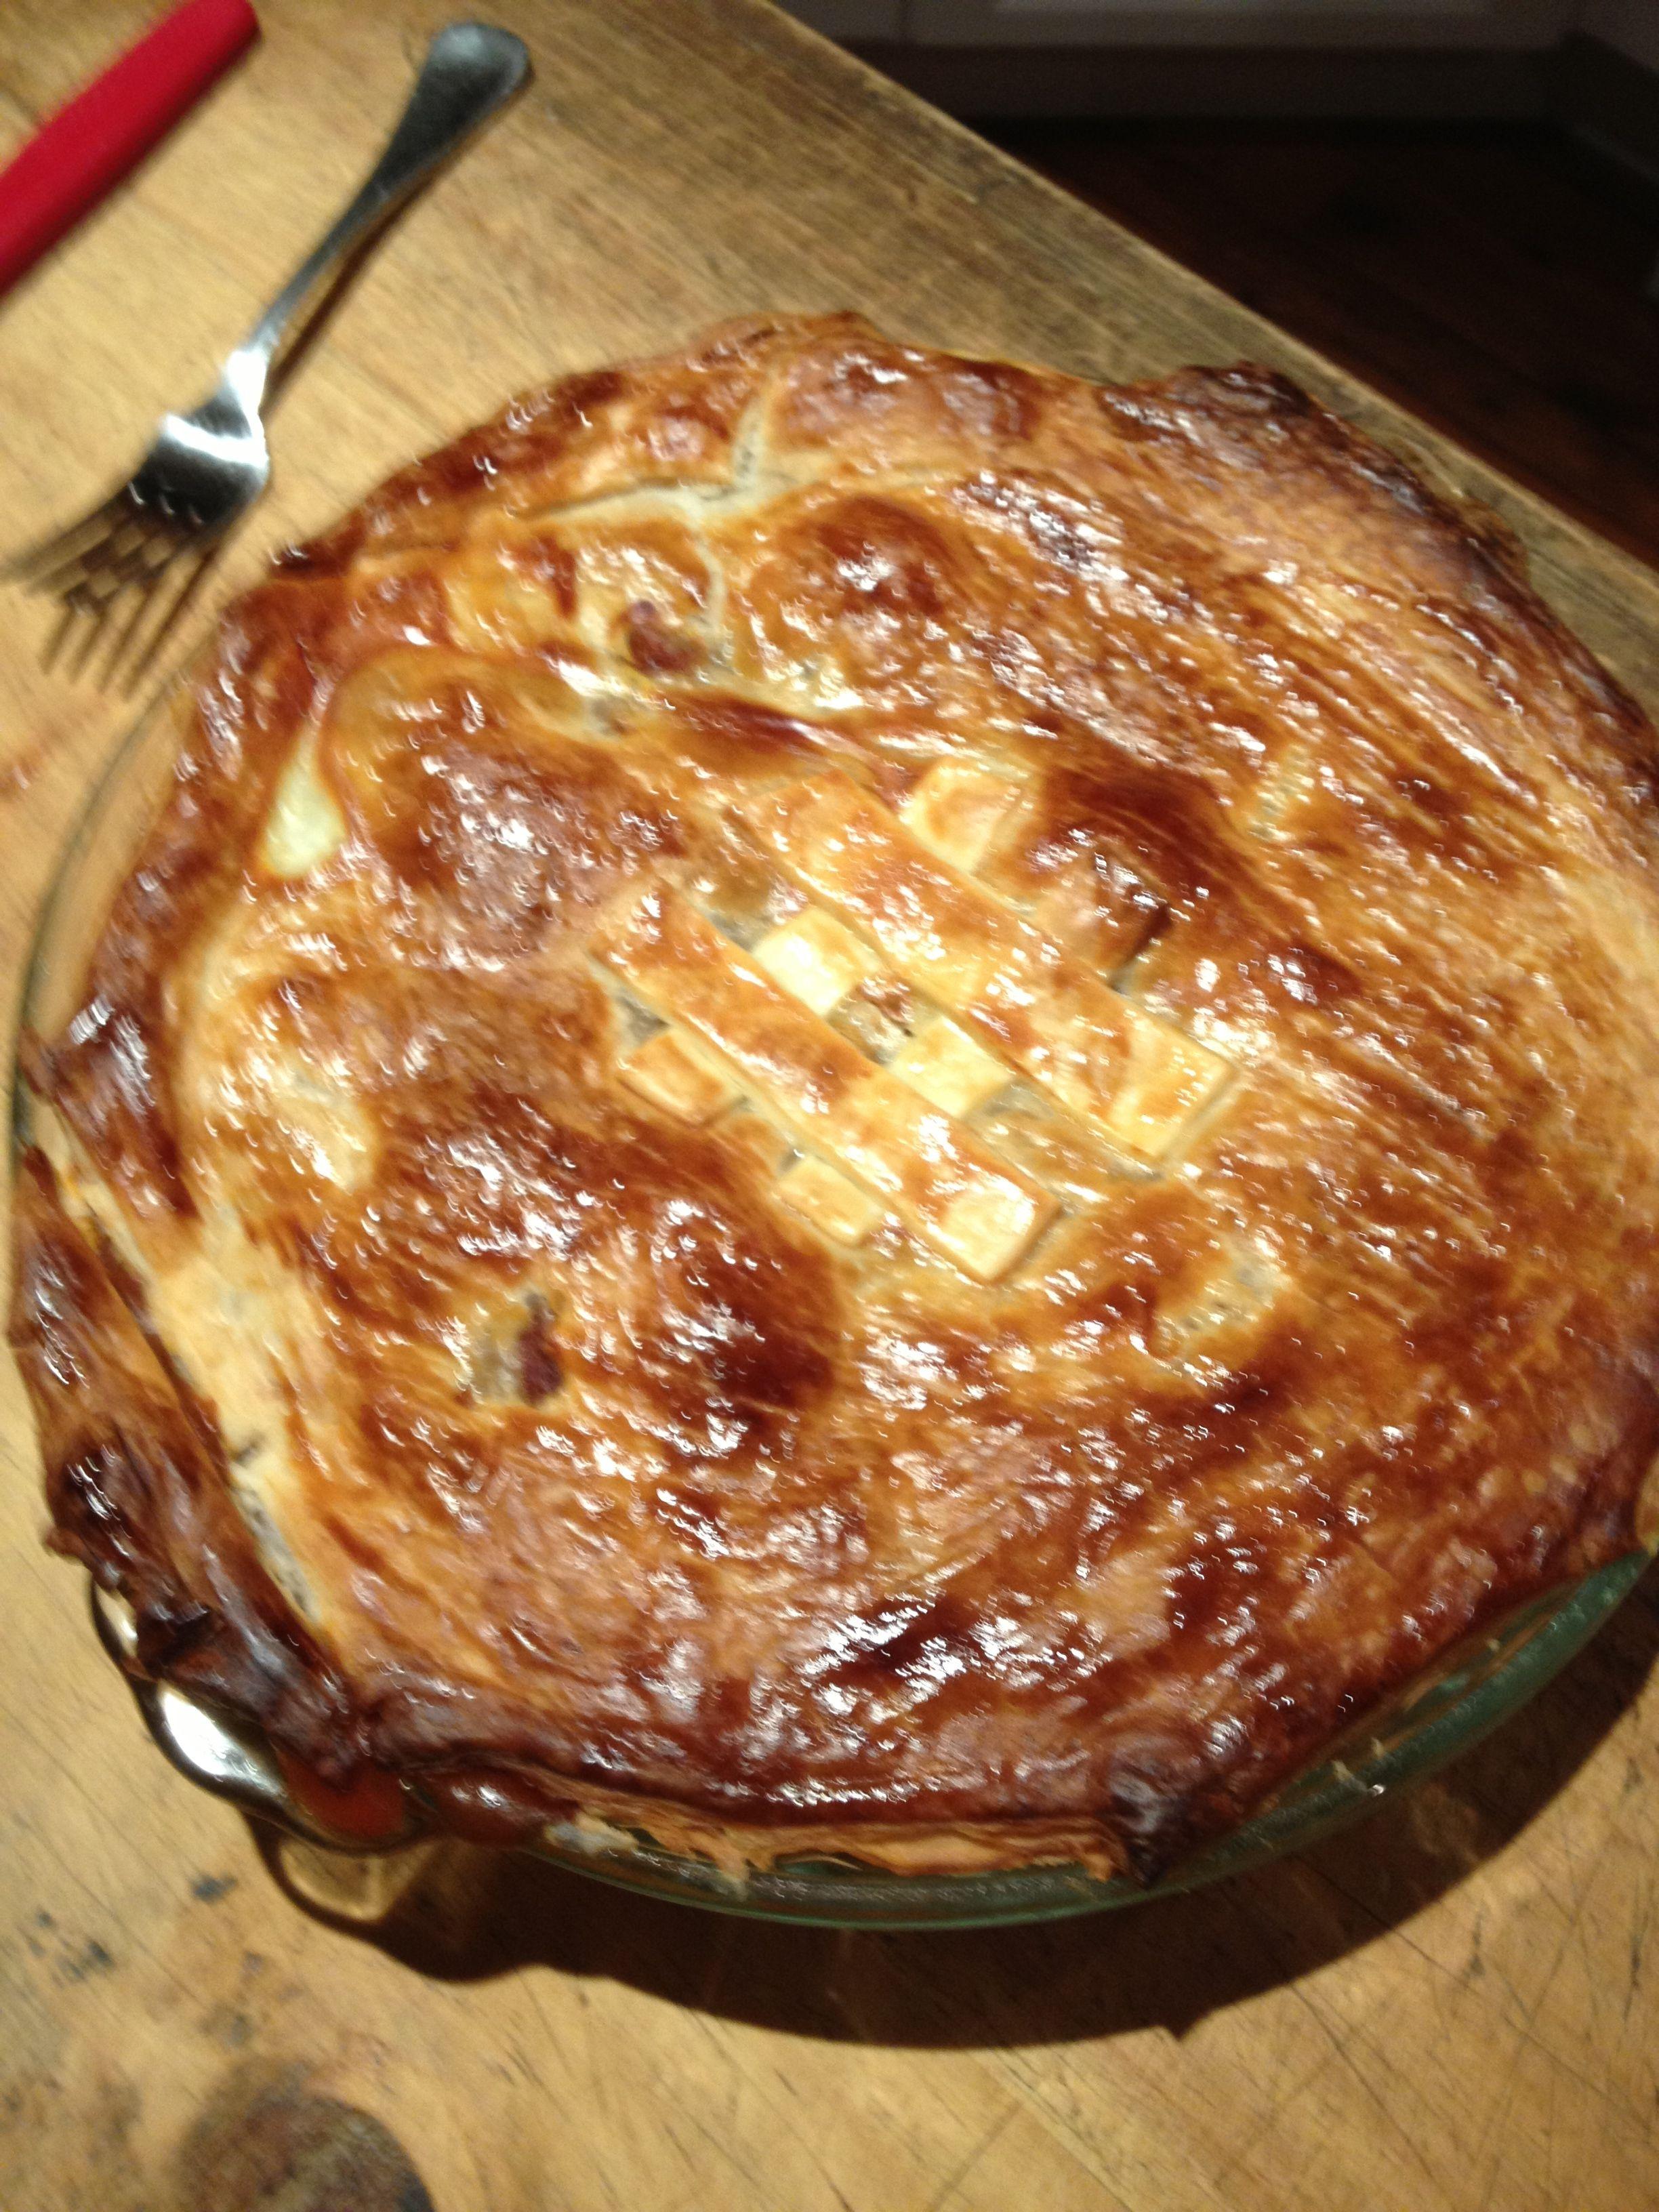 # pie - steak pie #pie - home made steak pie 1 kg rump or ...